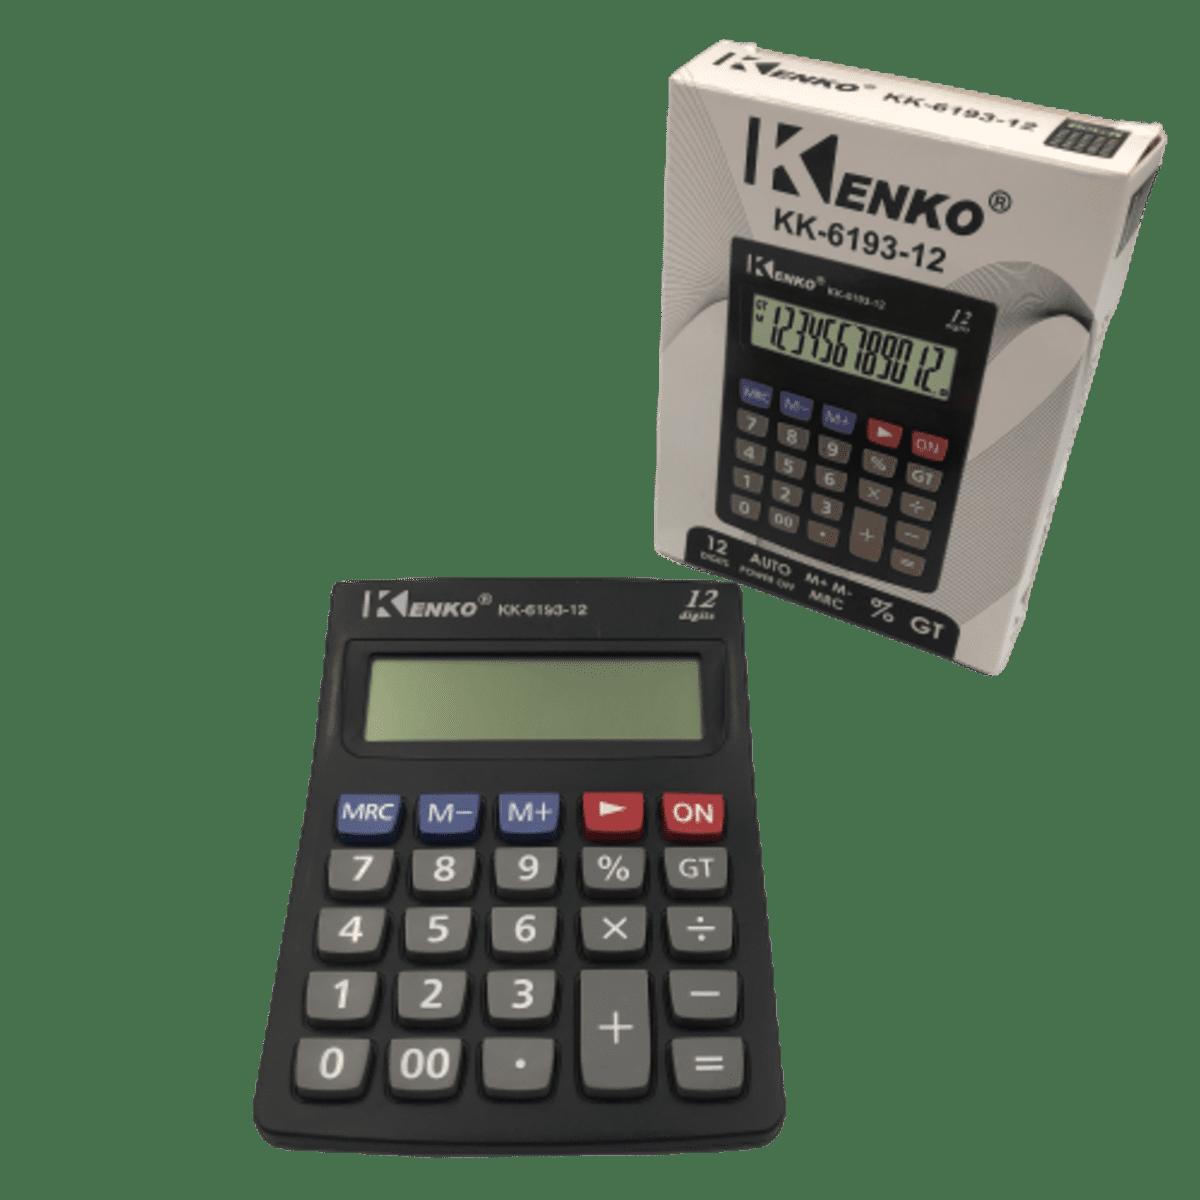 Calculadora Eletrônica 12 Dígitos KK-6193-12 Kenko